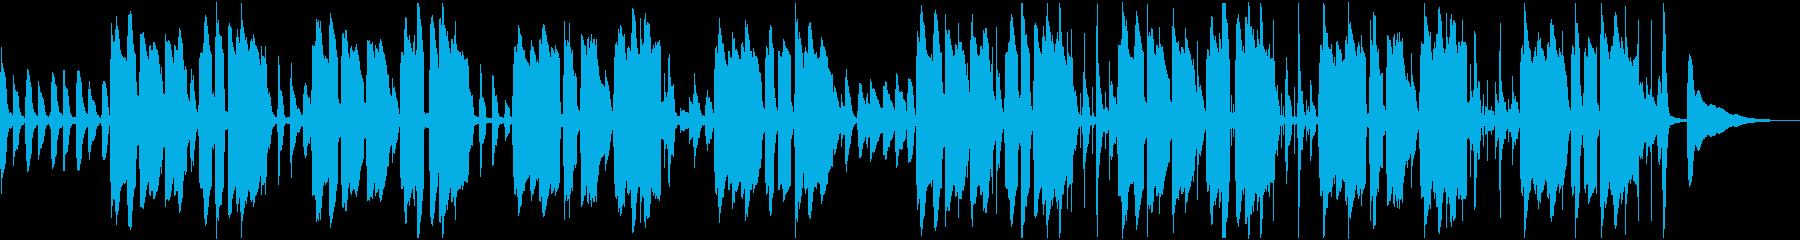 アコギとピアニカのほのぼのとしたBGMの再生済みの波形